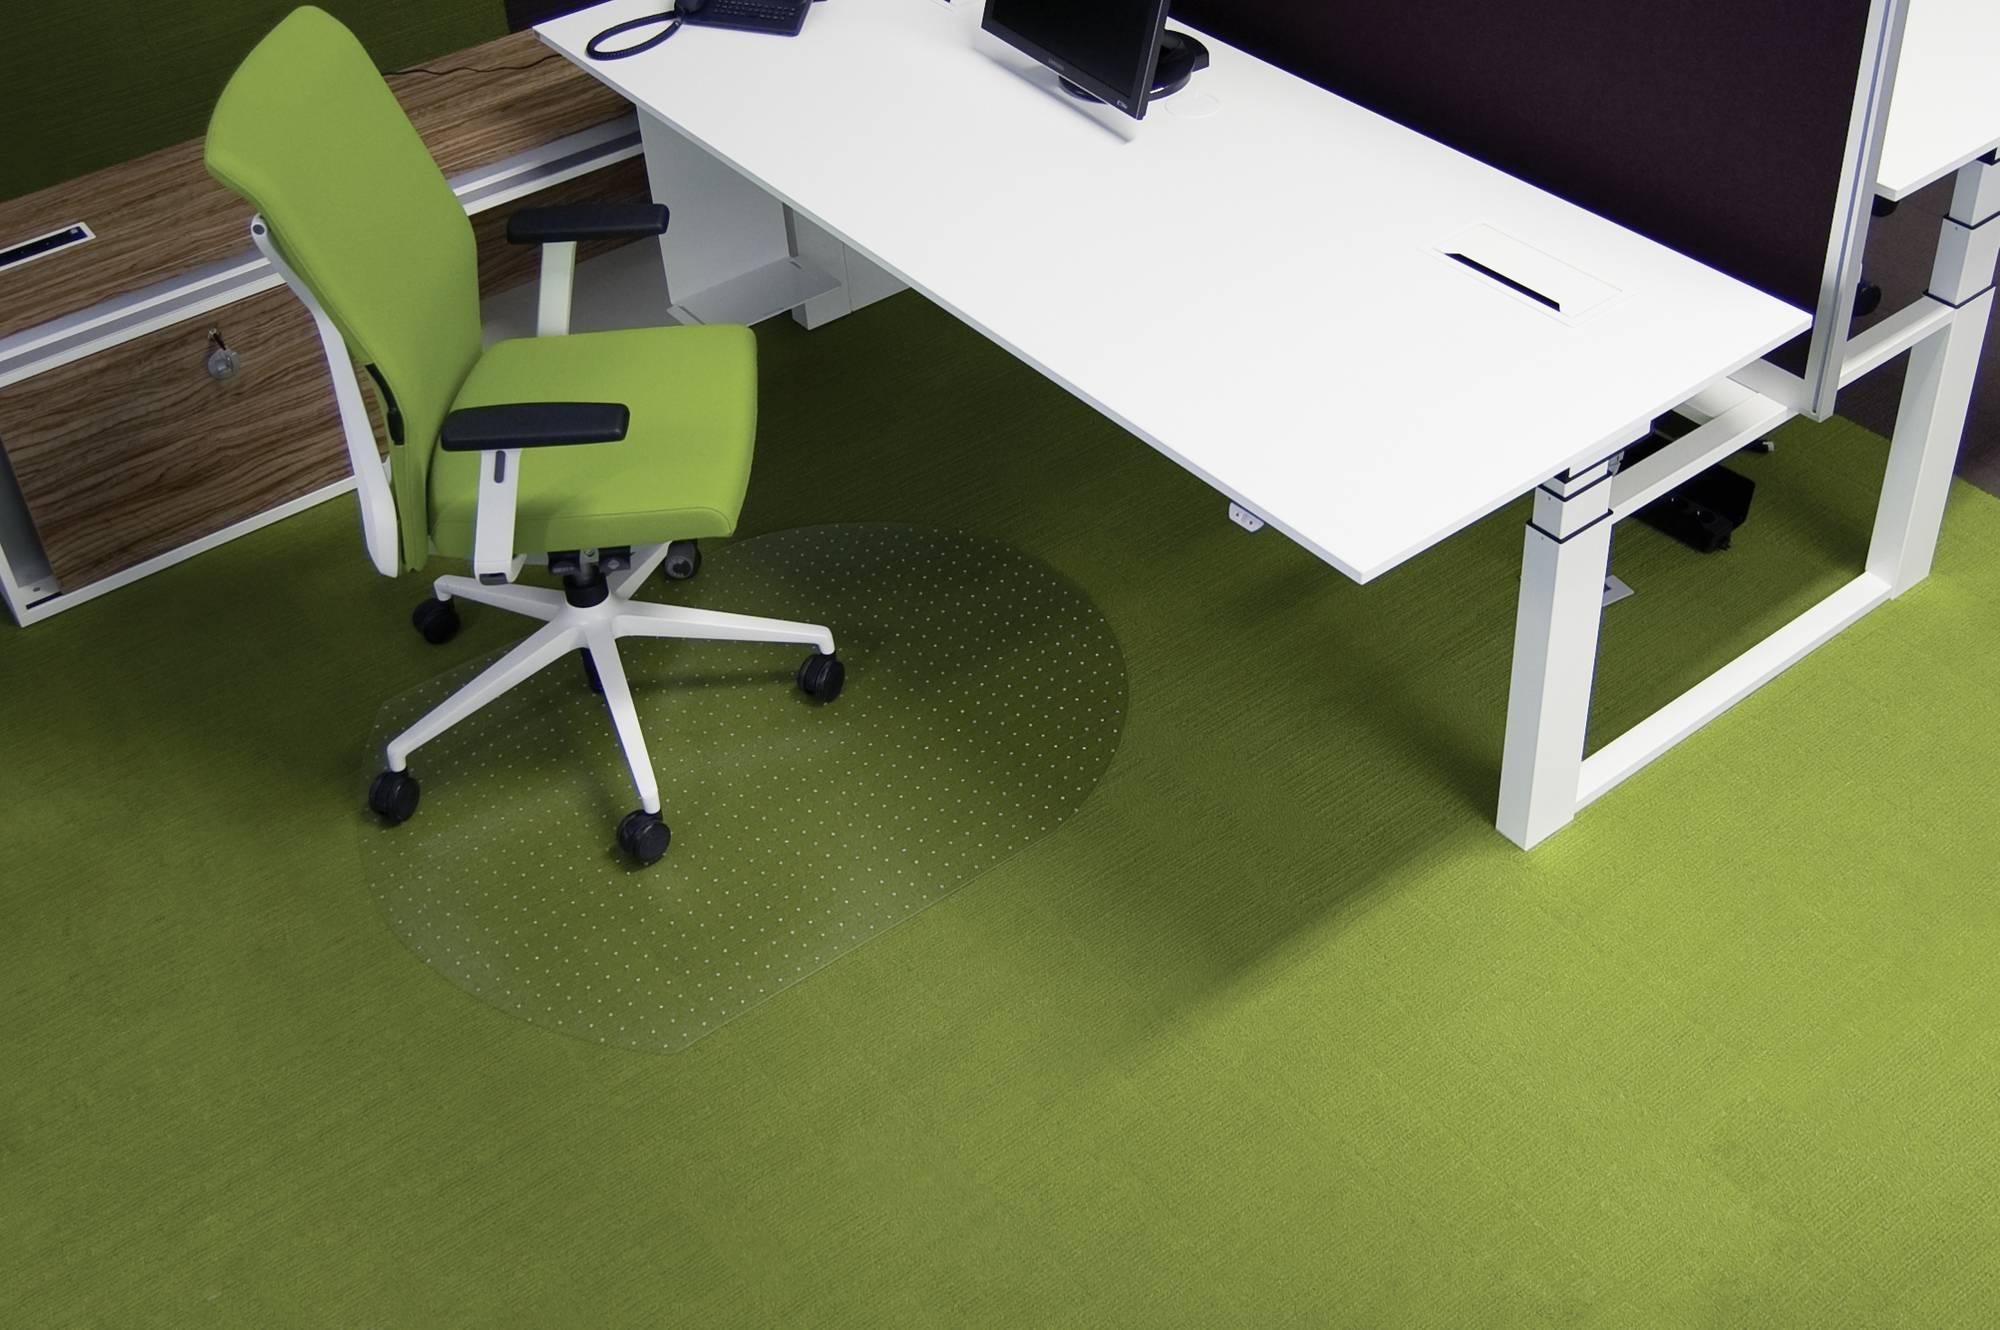 Anwendungsbeispiel transparente Bodenschutzmatte für Teppiche 1,20 x 0,90 m